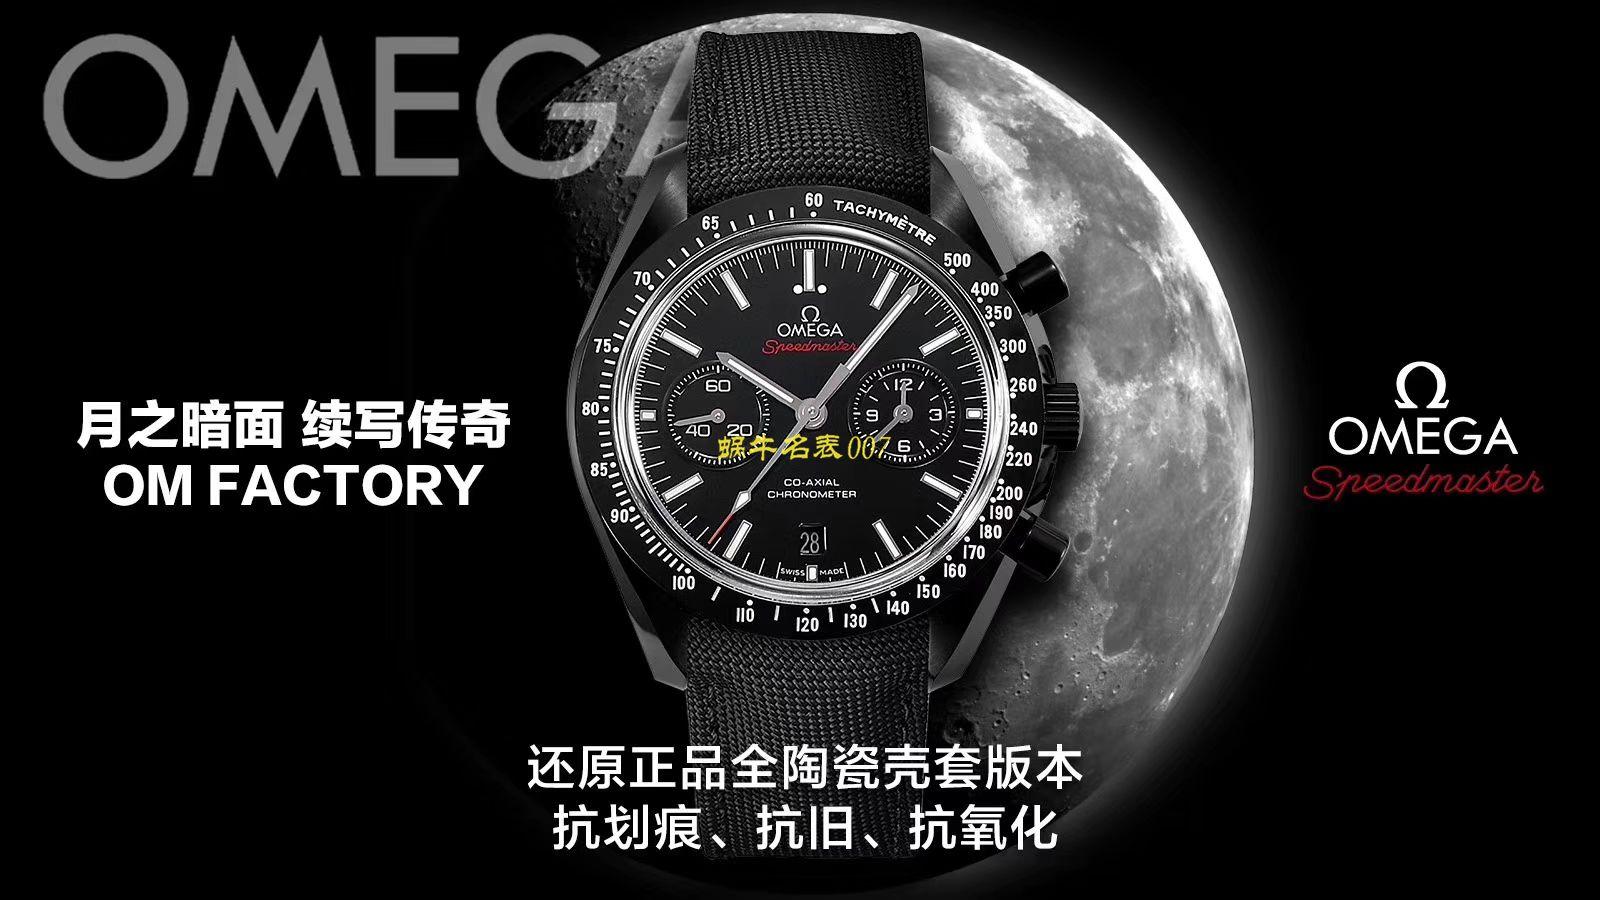 【视频评测OM厂一比一复刻欧米茄月之暗面】OMEGA欧米茄超霸系列311.92.44.51.01.005腕表(墨黑) / M380